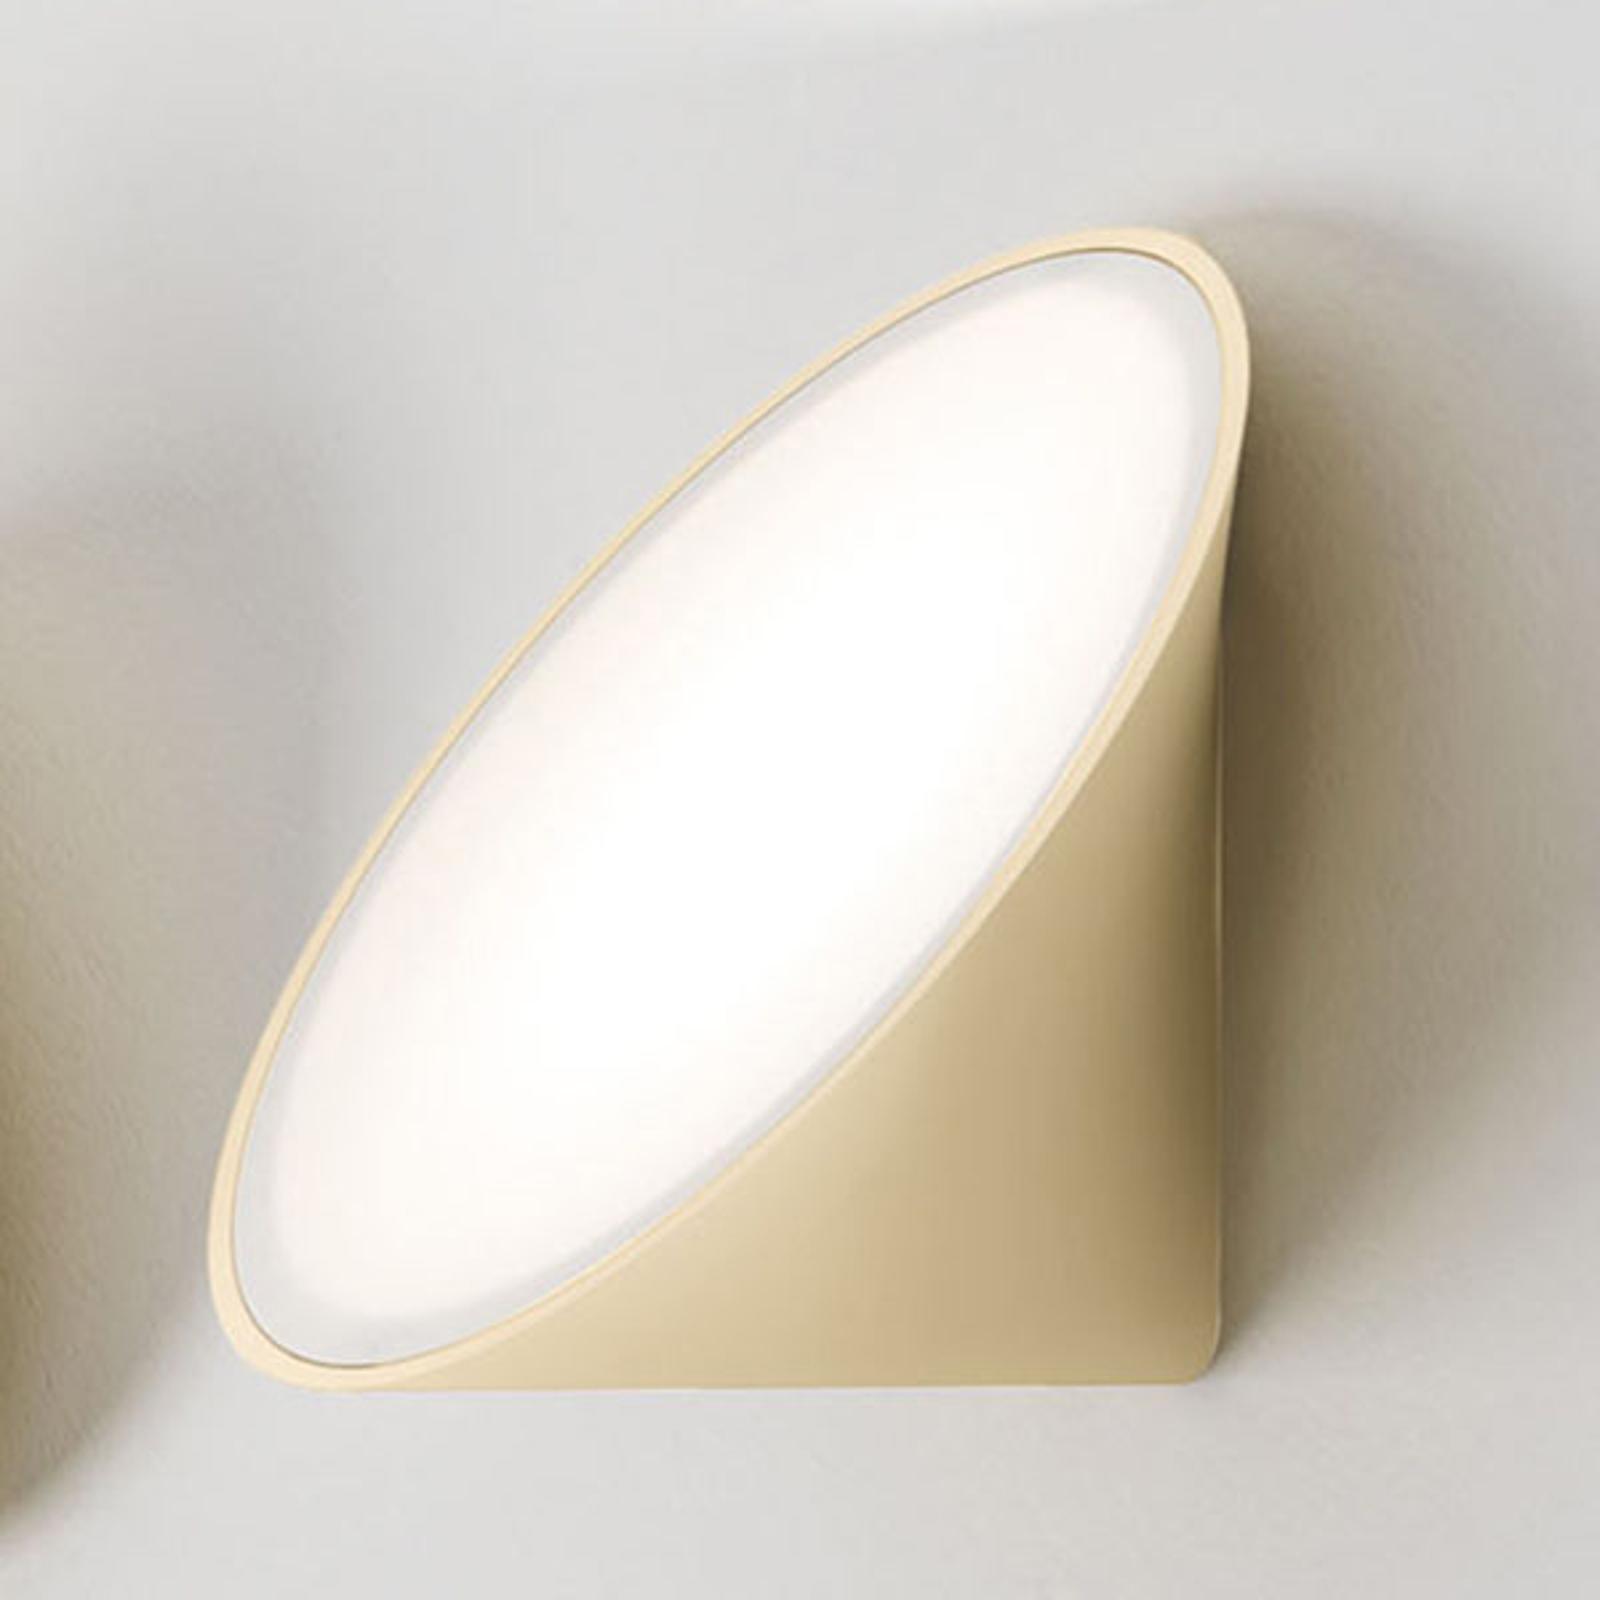 Axolight Orchid LED wandlamp, zand